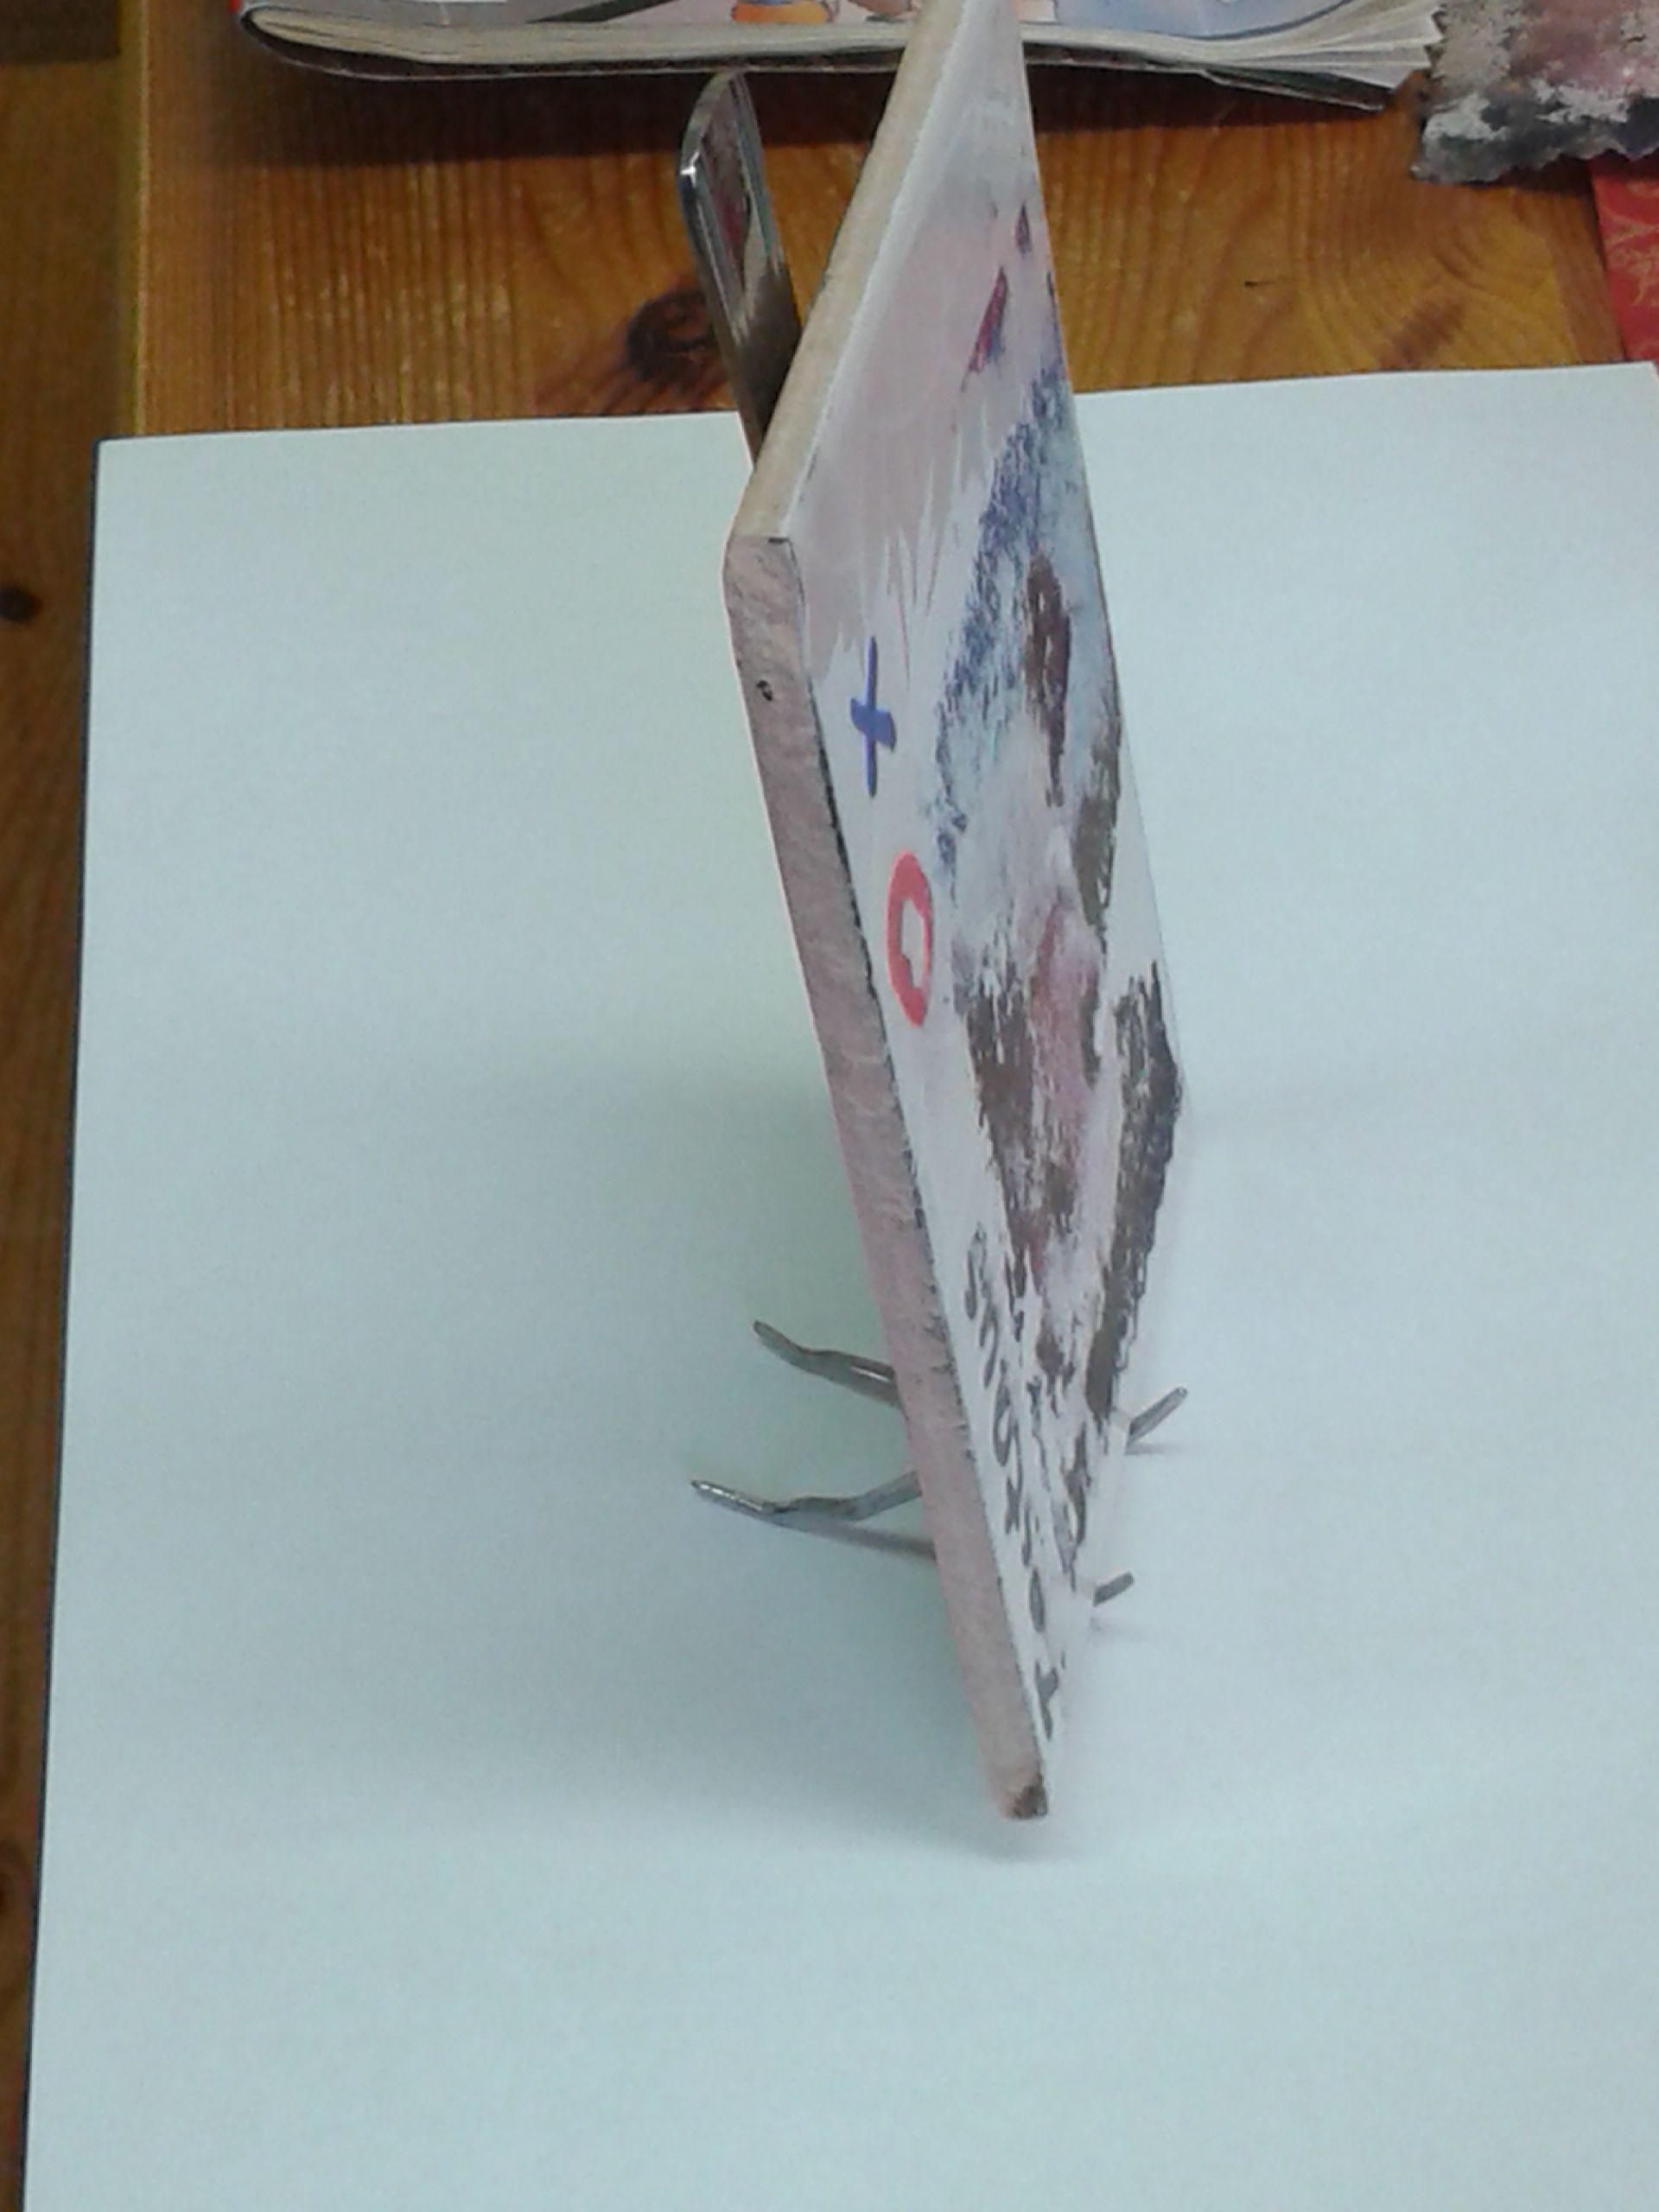 Tulosta kuva, laita se ylösalaisin kaakelille, kastele kynsilakanpoistoaineella kauttaaltaan, ota paperi varovasti pois, sivele lakkakerros päälle.     Pidikkeenä haarukka. Tässä toimii parhaiten nelipiikkinen, jossa mieluusti pitkät piikit. Käytä pihtejä piikkien taivuttamiseen, uloimmat piikit eteenpäin kaakelitaulua pitelemään ja sisemmät taaksepäin tueksi.